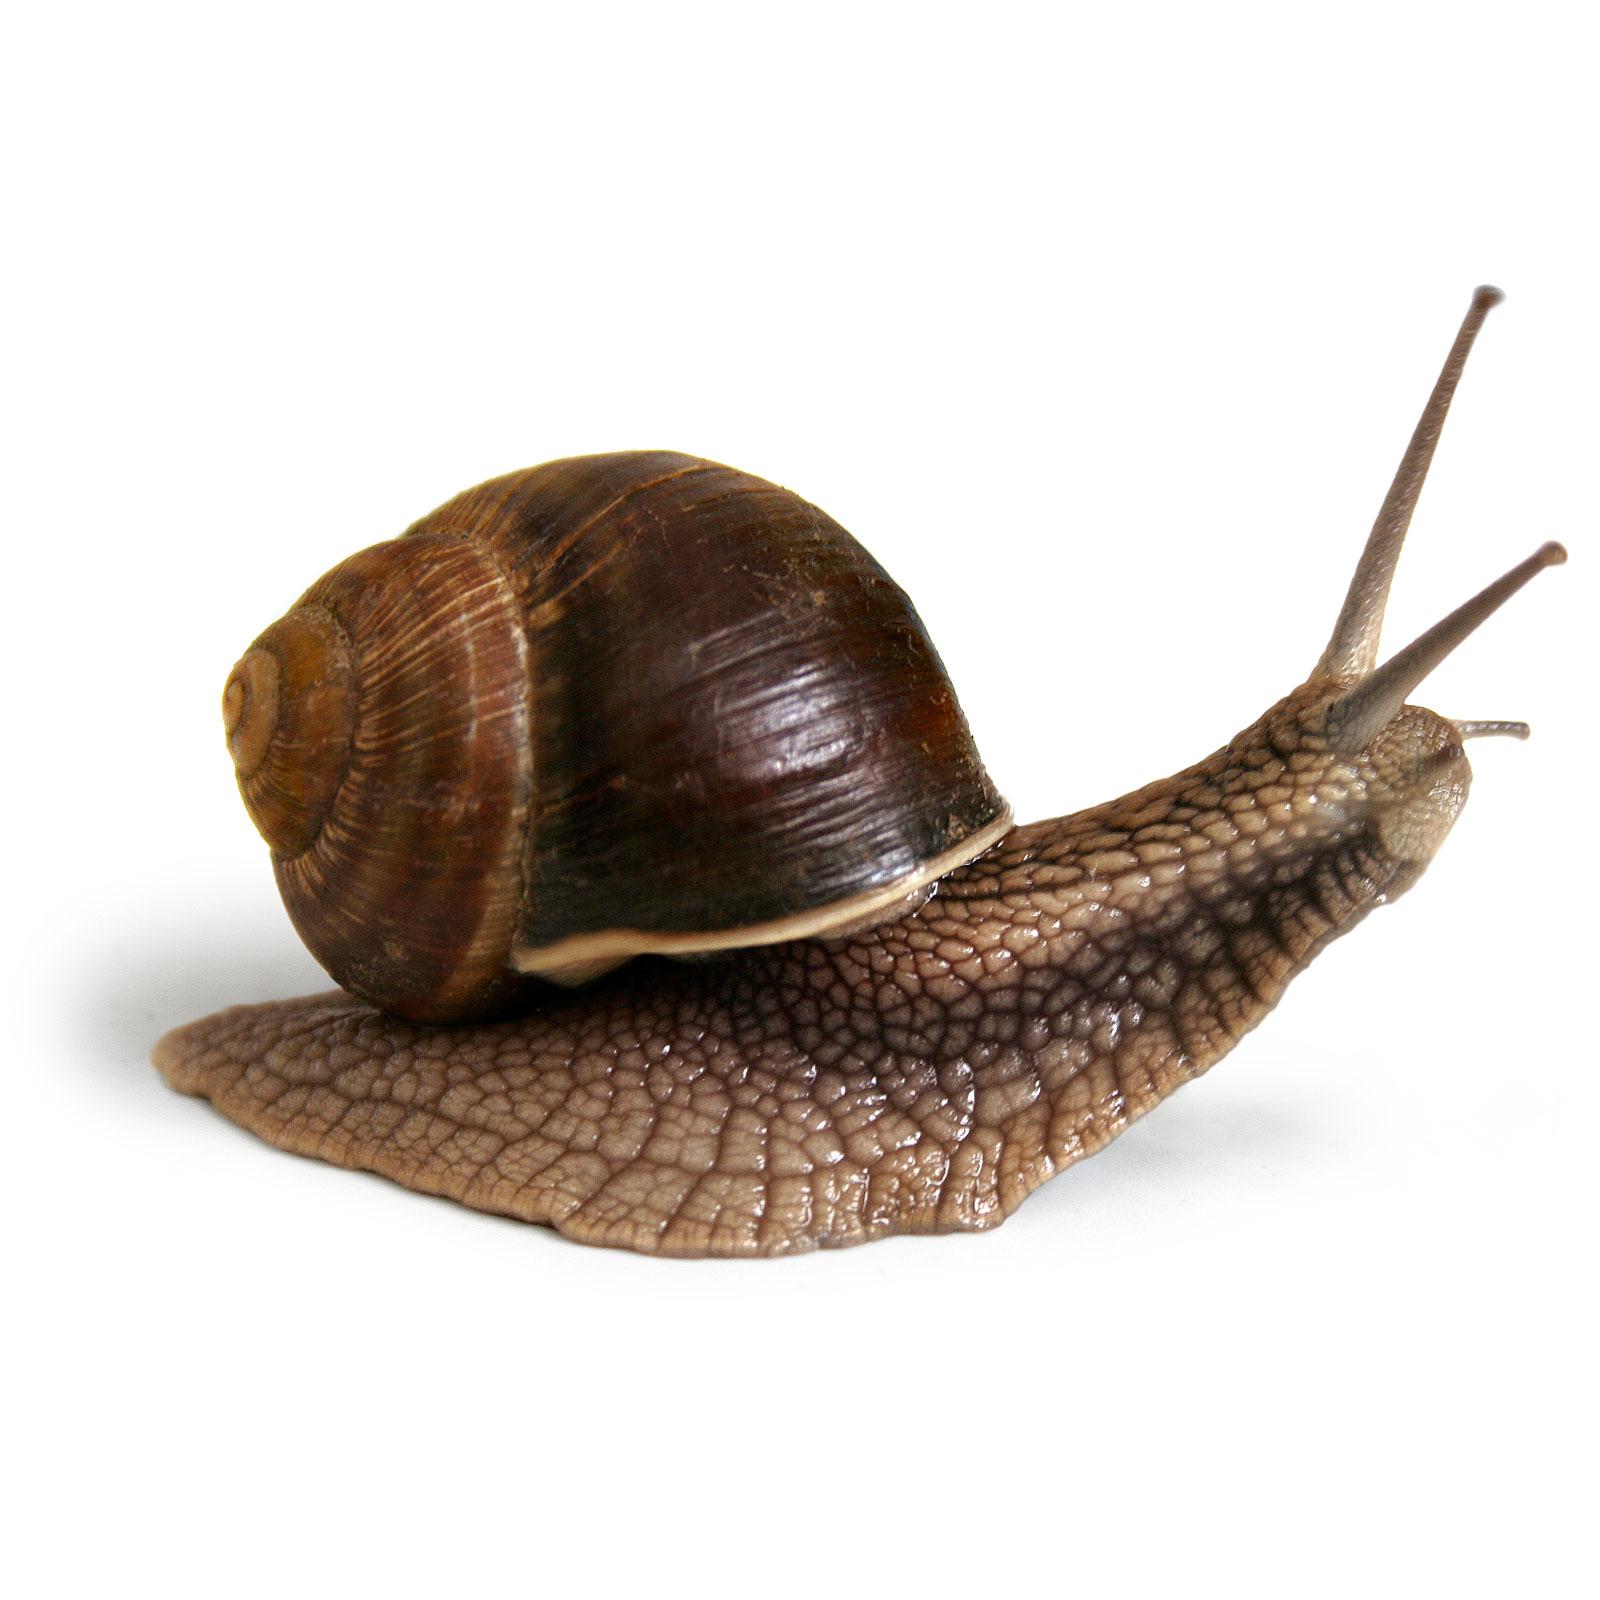 Cr a de caracol helix aspersa abc del finkero for Como criar caracoles de jardin